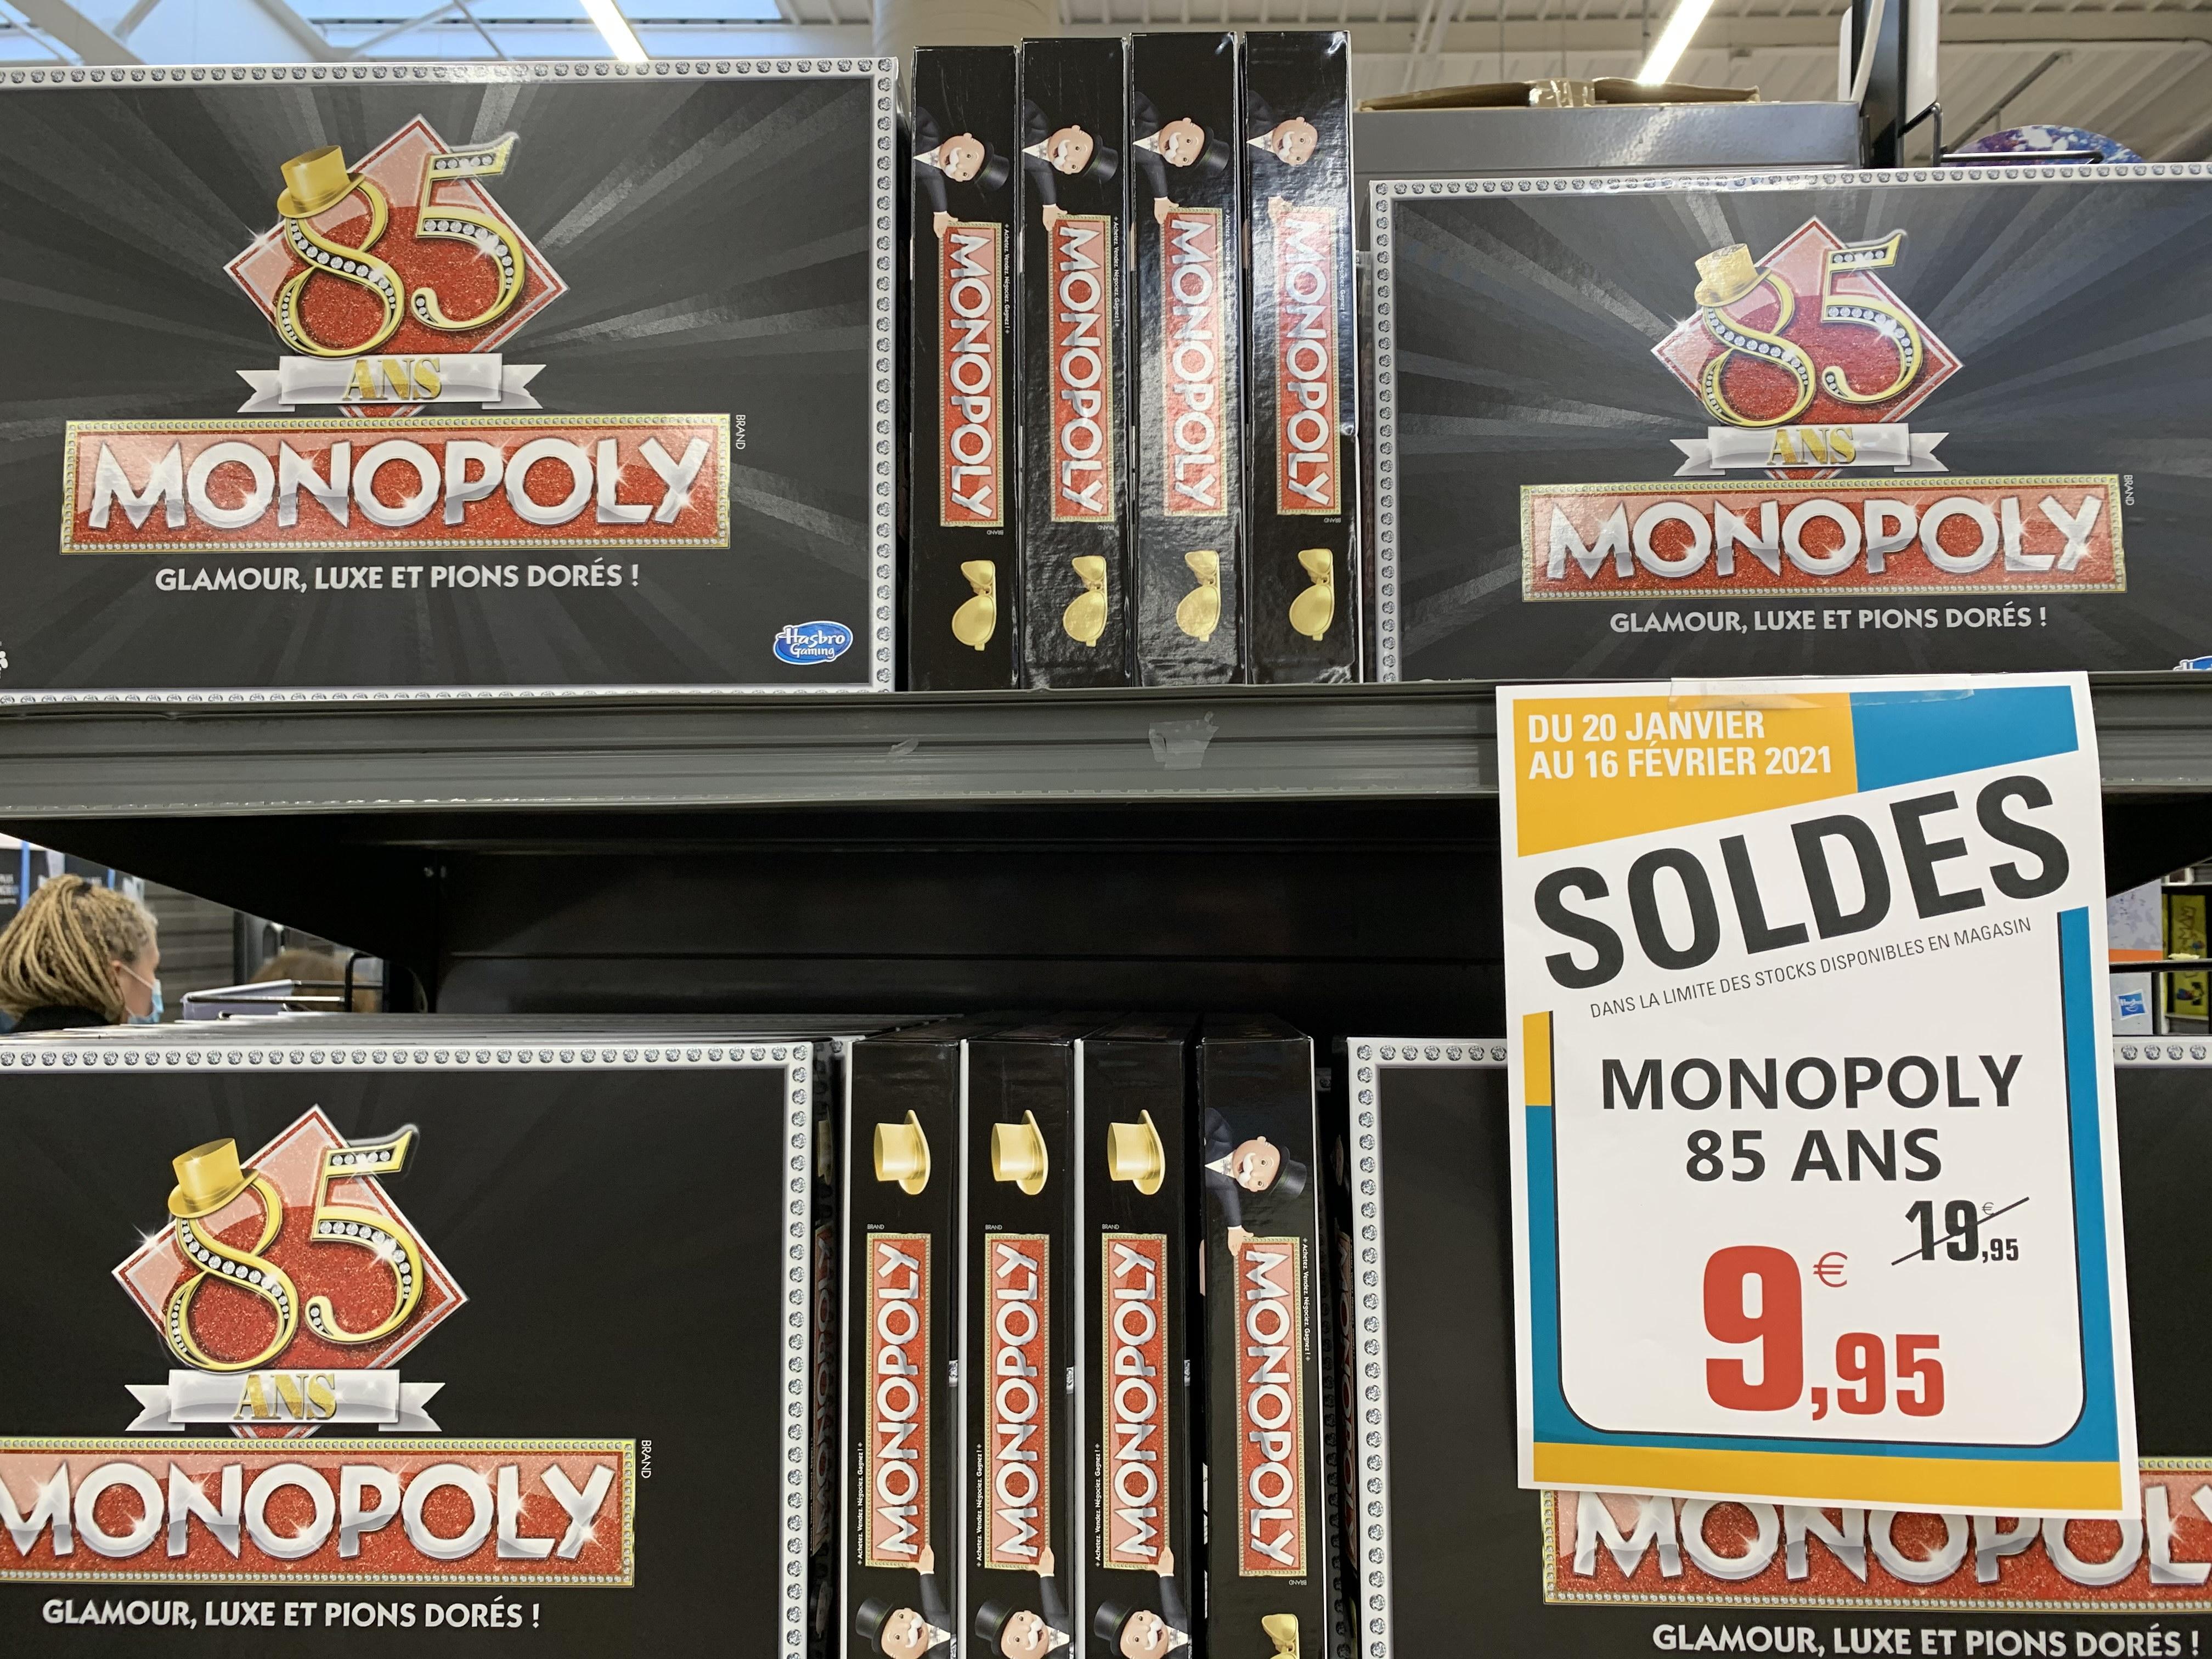 Jeux de société Monopoly Edition 85 Ans - Fosses-la chapelle (95)